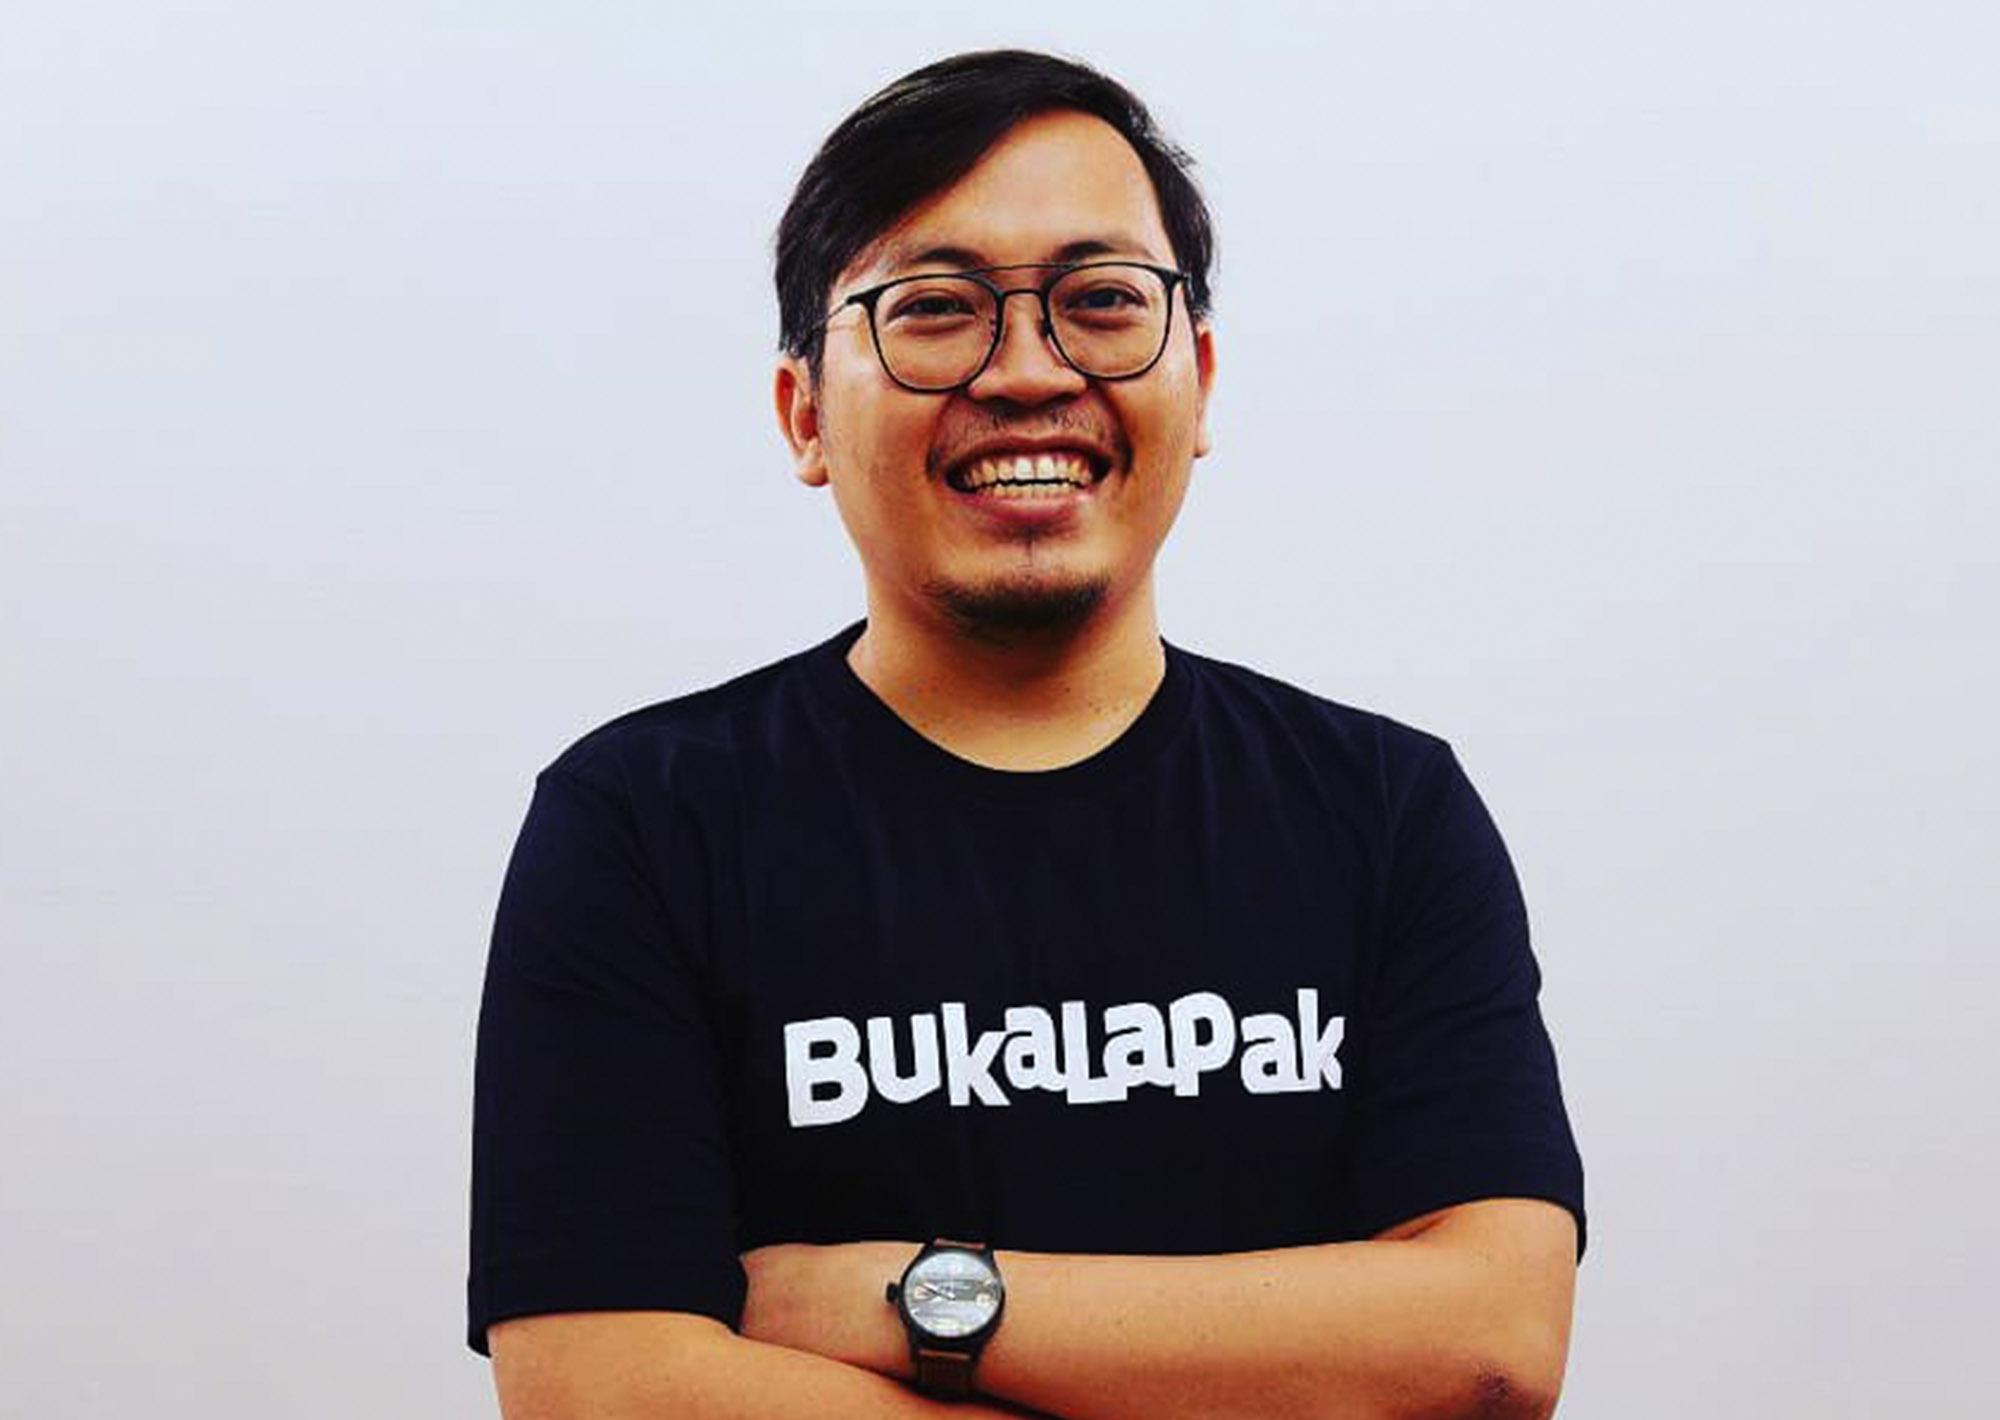 Cerita Achmad Zaky Jatuh Bangun Besarkan Bukalapak